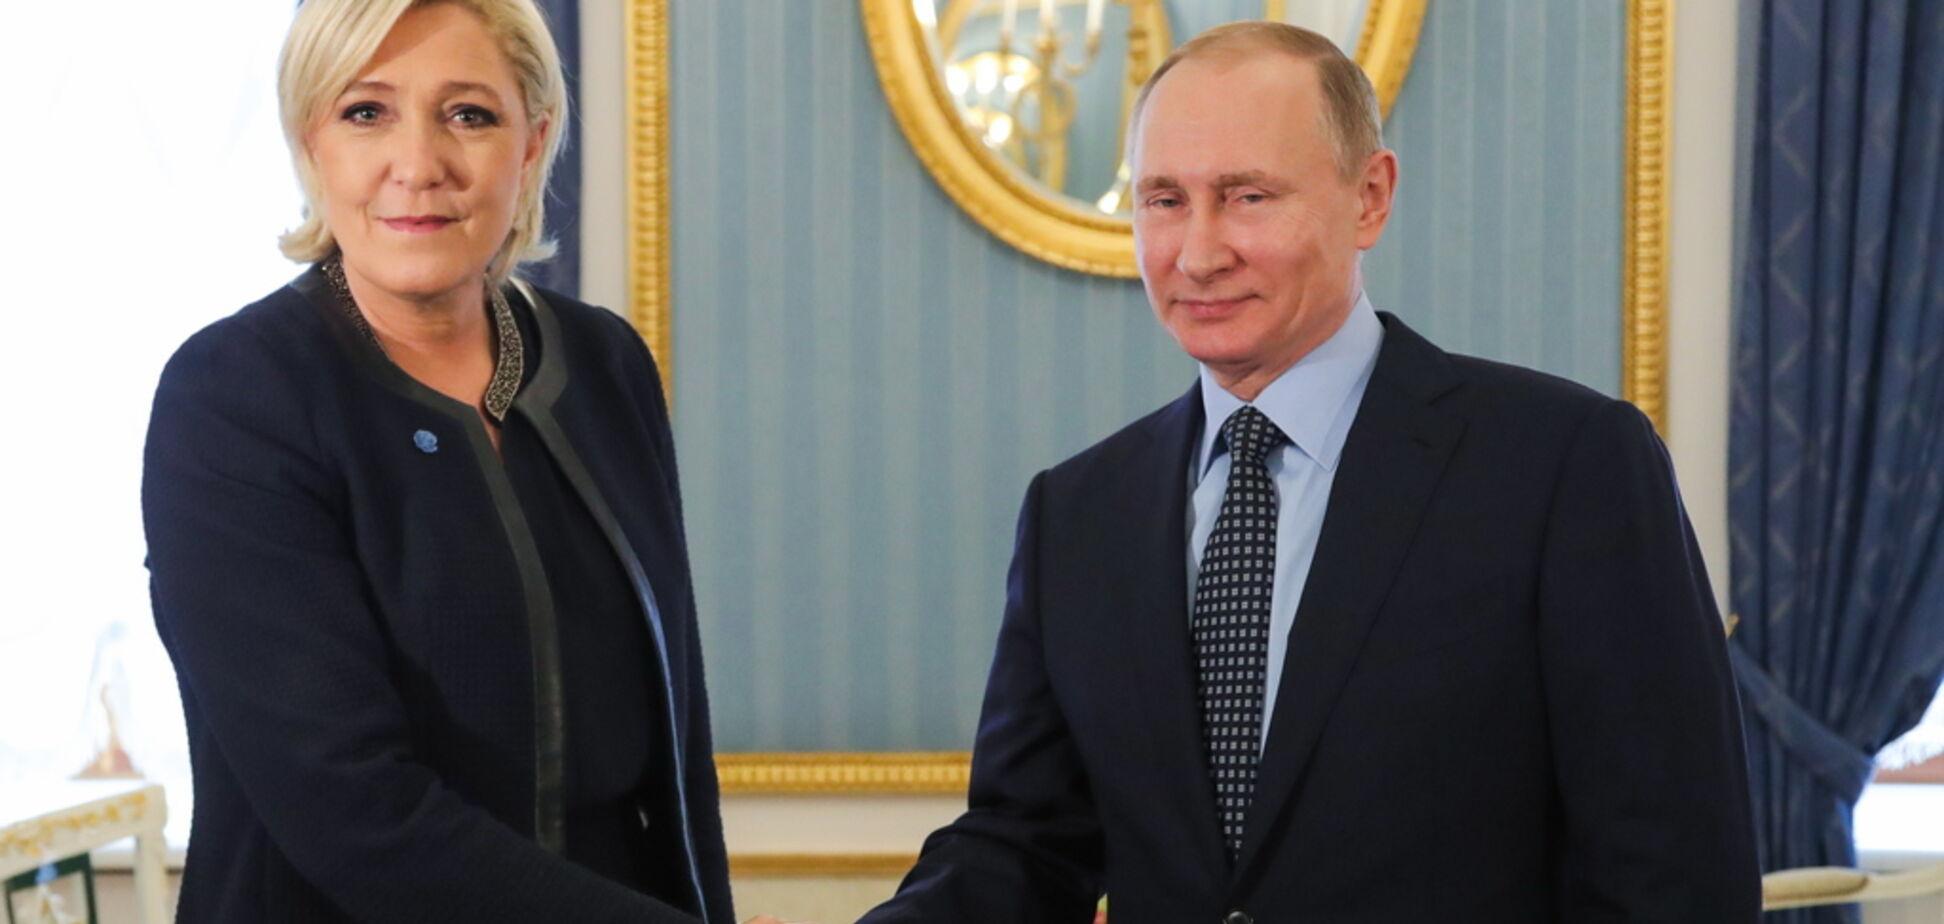 Подругу Путіна Ле Пен фінансували пов'язані з Україною росіяни